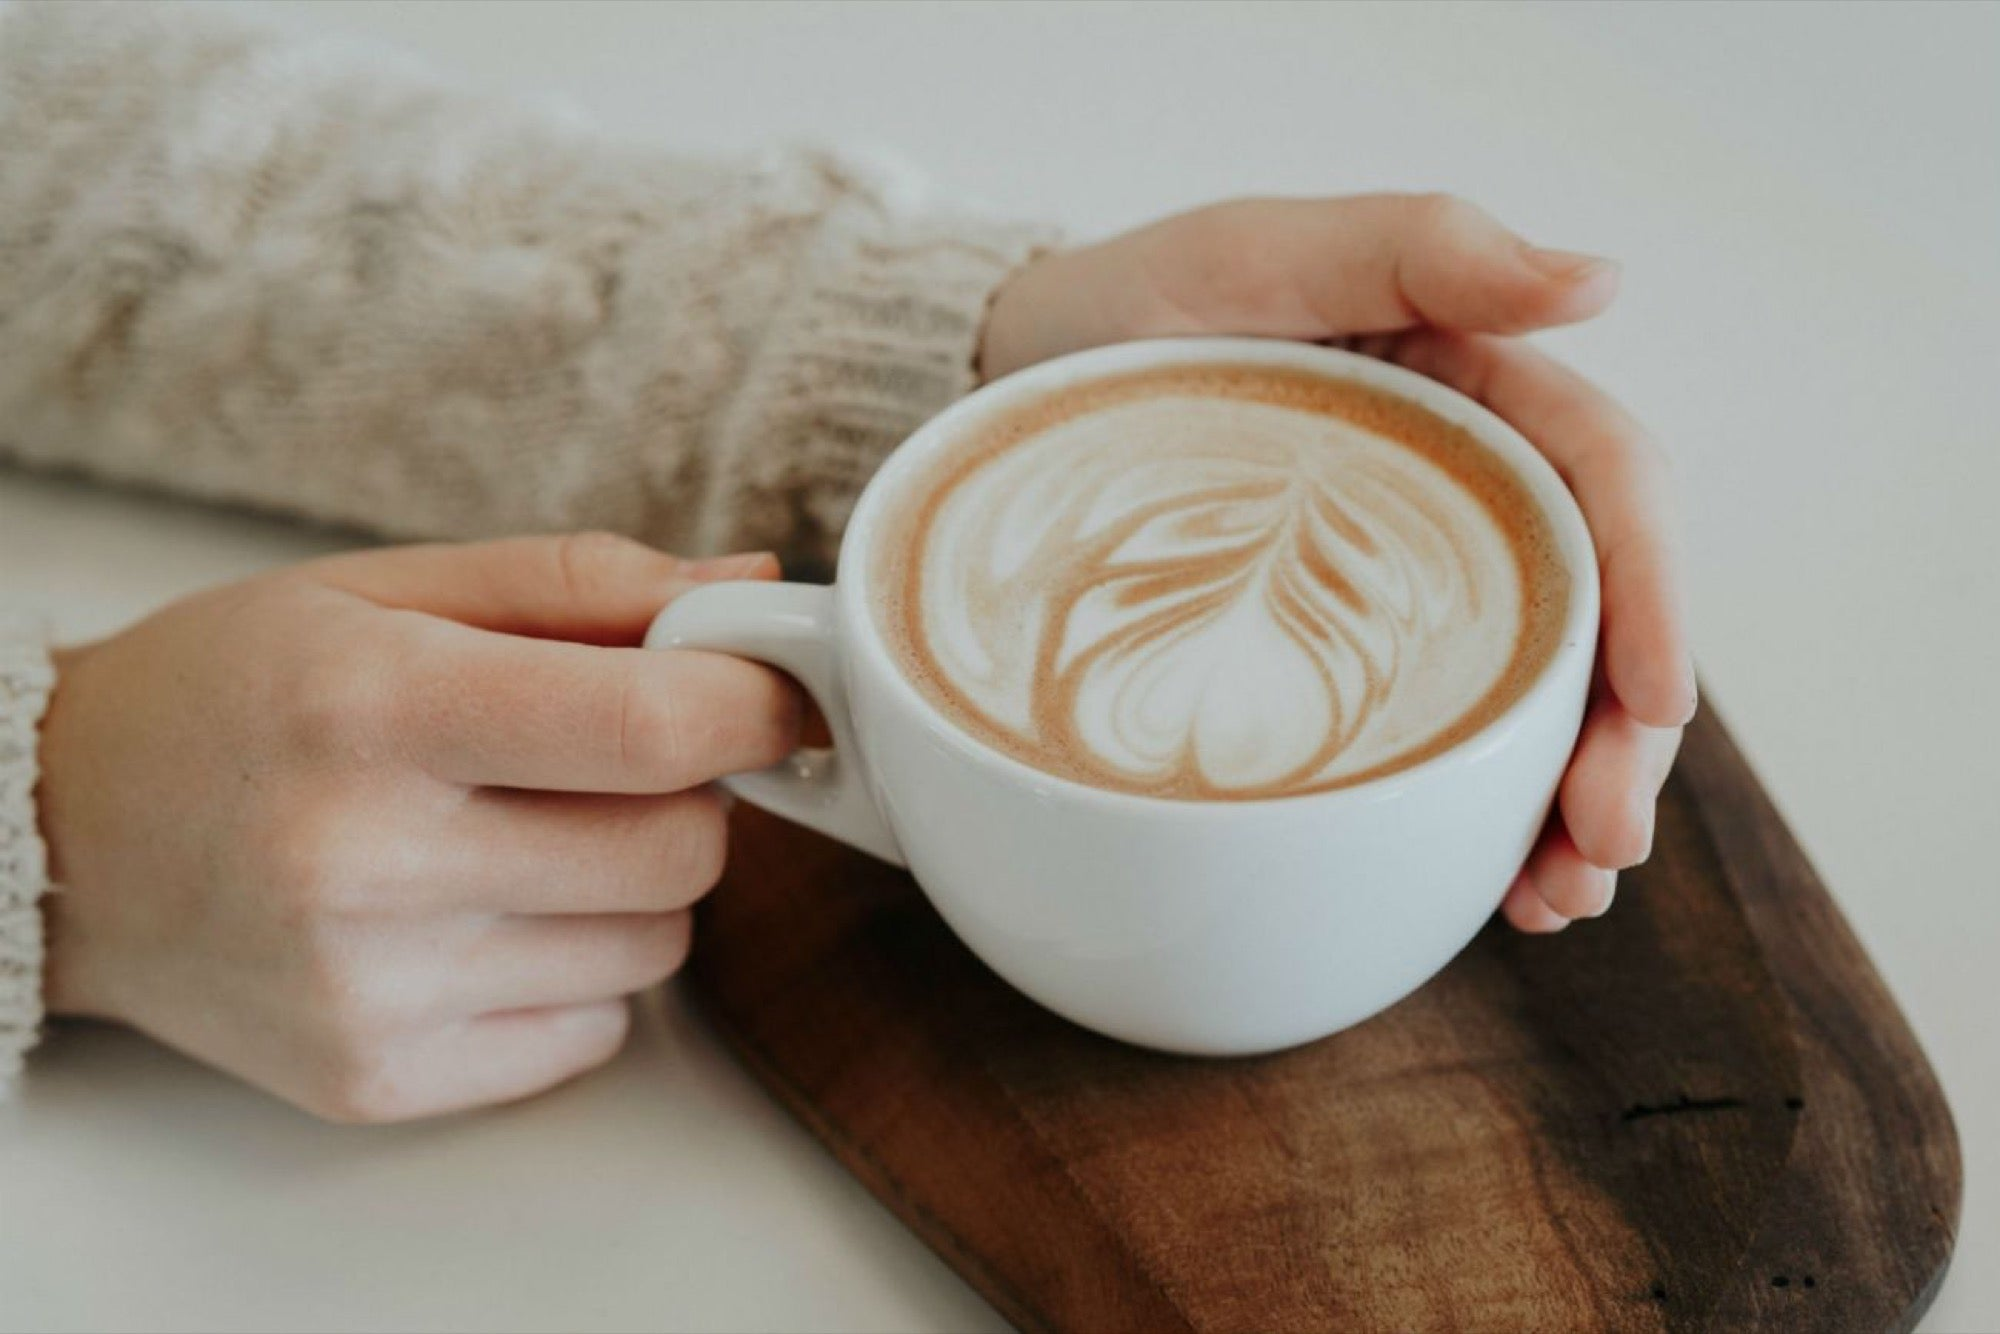 el cafe aumenta la presion arterial